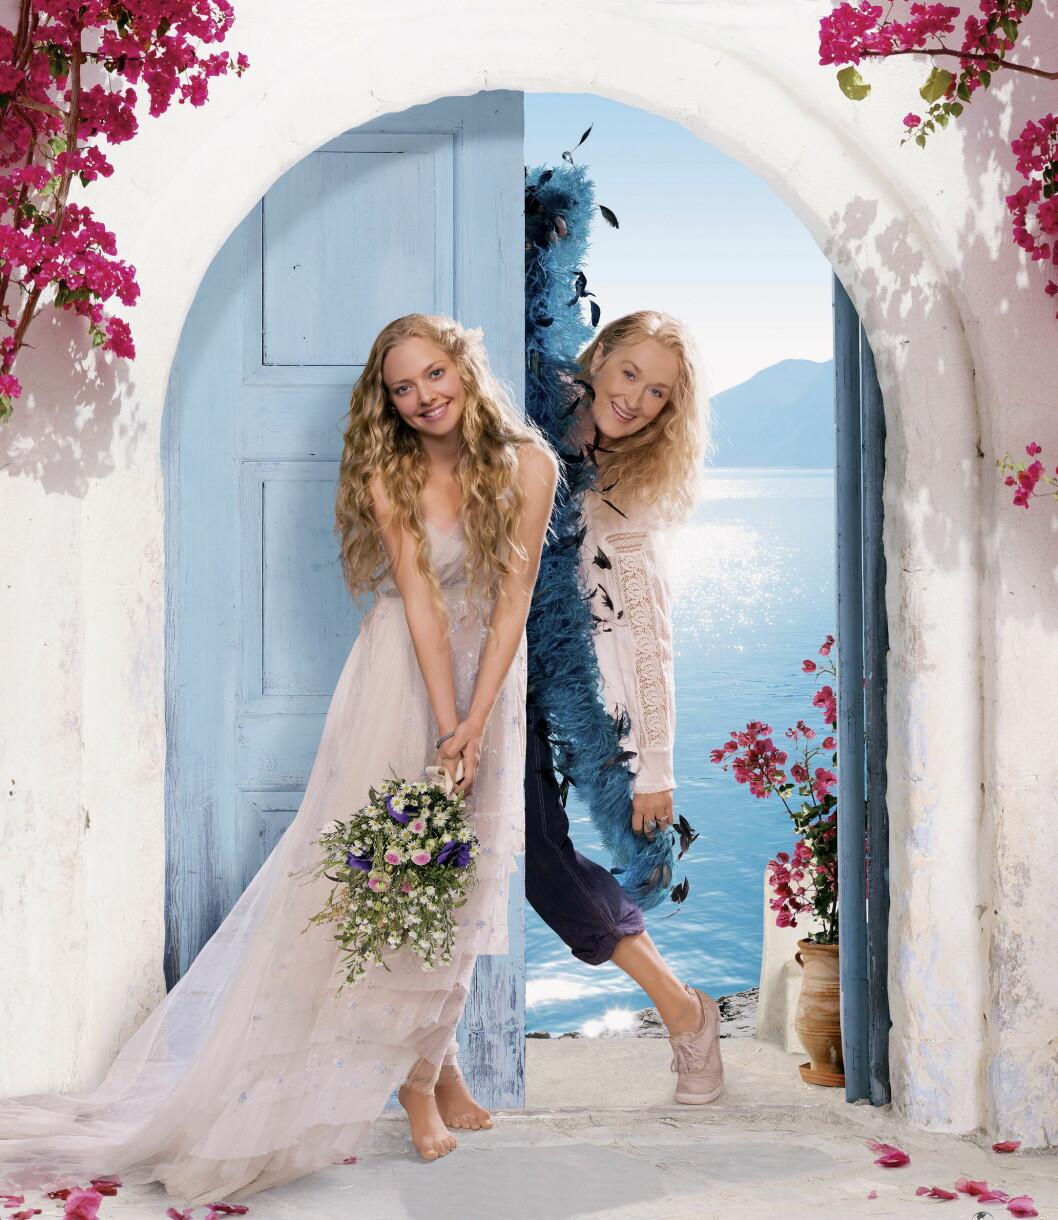 POPULÆR ROLLE: Amanda Seyfried ble verdensberømt gjennom sin rolle i den ABBA-inspirerte filmen «Mamma Mia». Her er hun sammen med sin skuespillerkollega Meryl Streep, som spiller hennes mor i filmen.